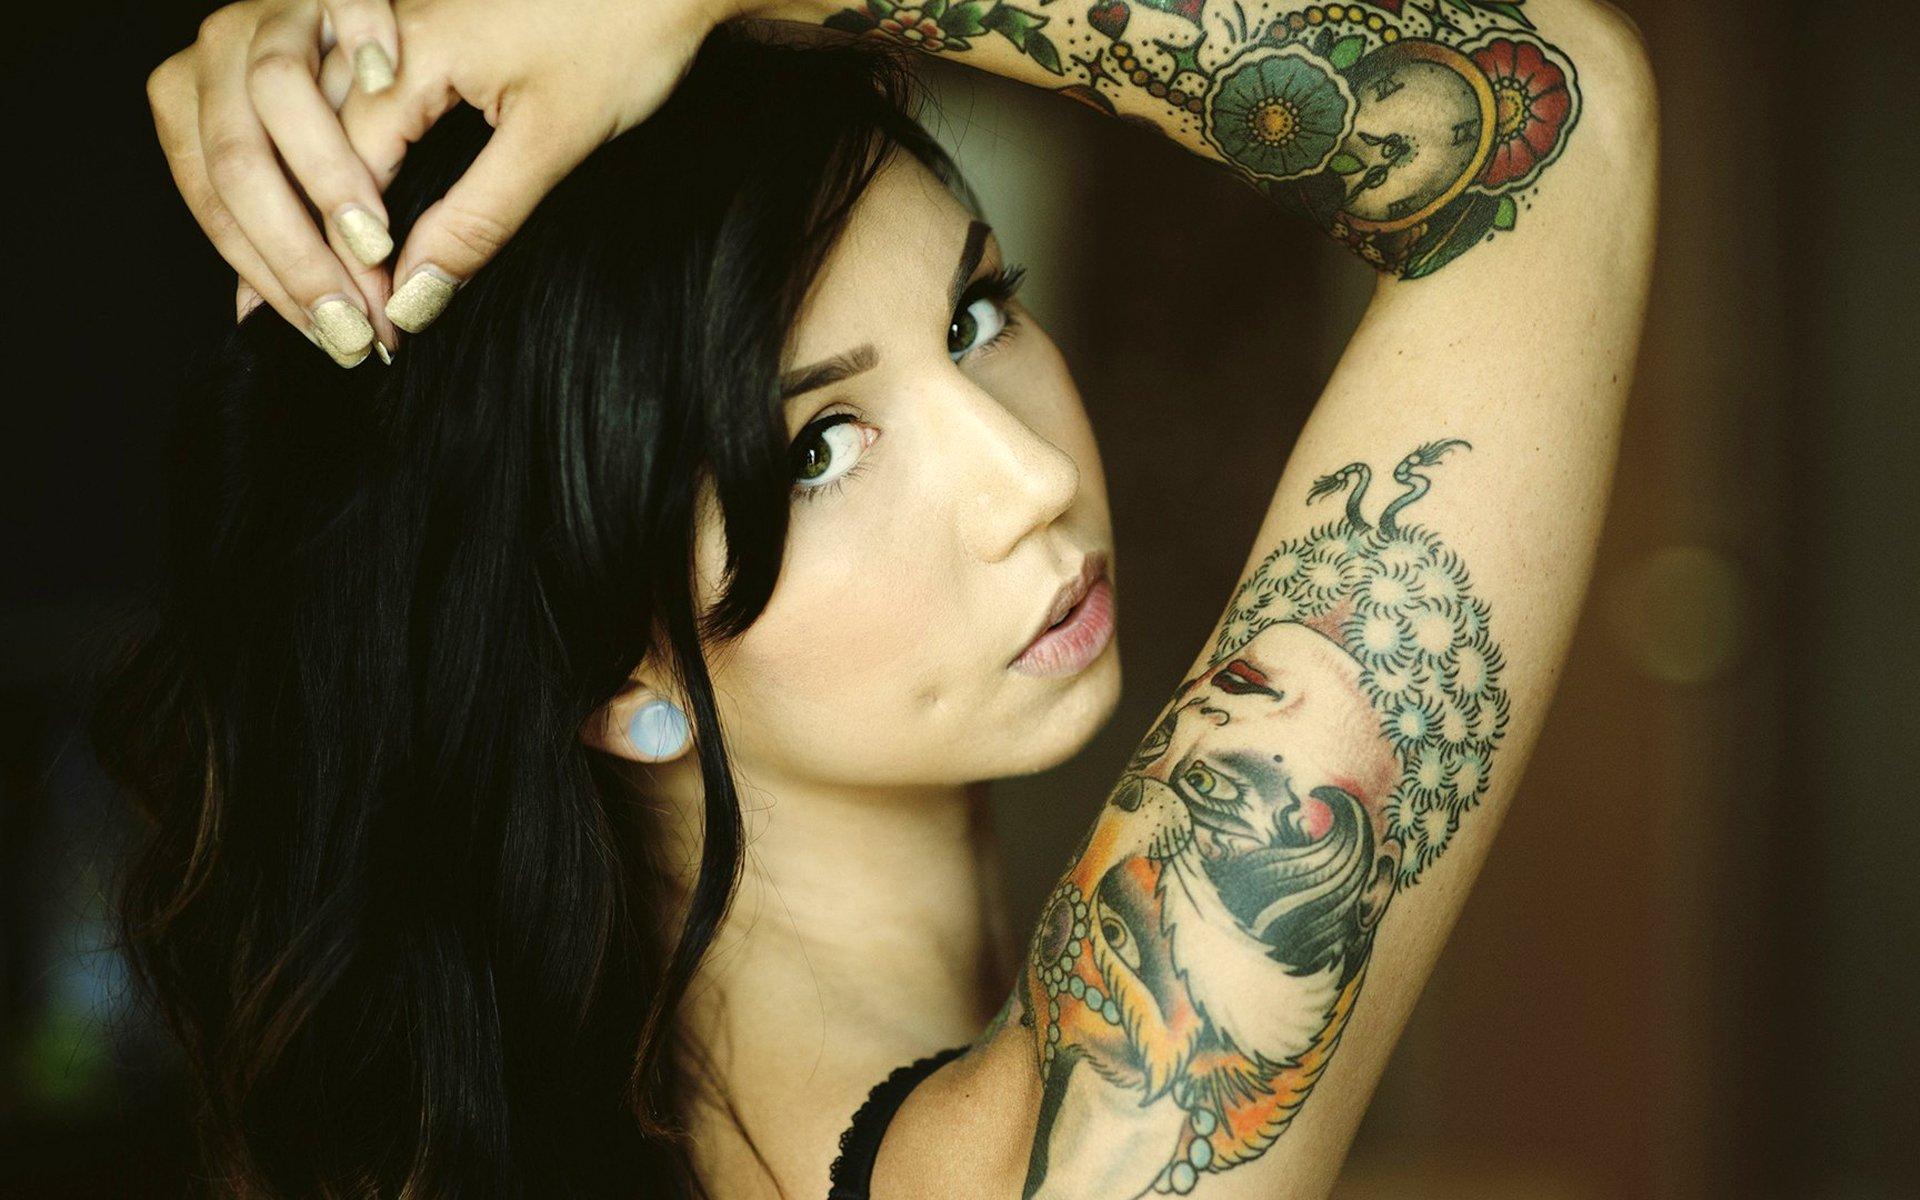 Tatuaje Fondo De Pantalla Hd Fondo De Escritorio 1920x1200 Id